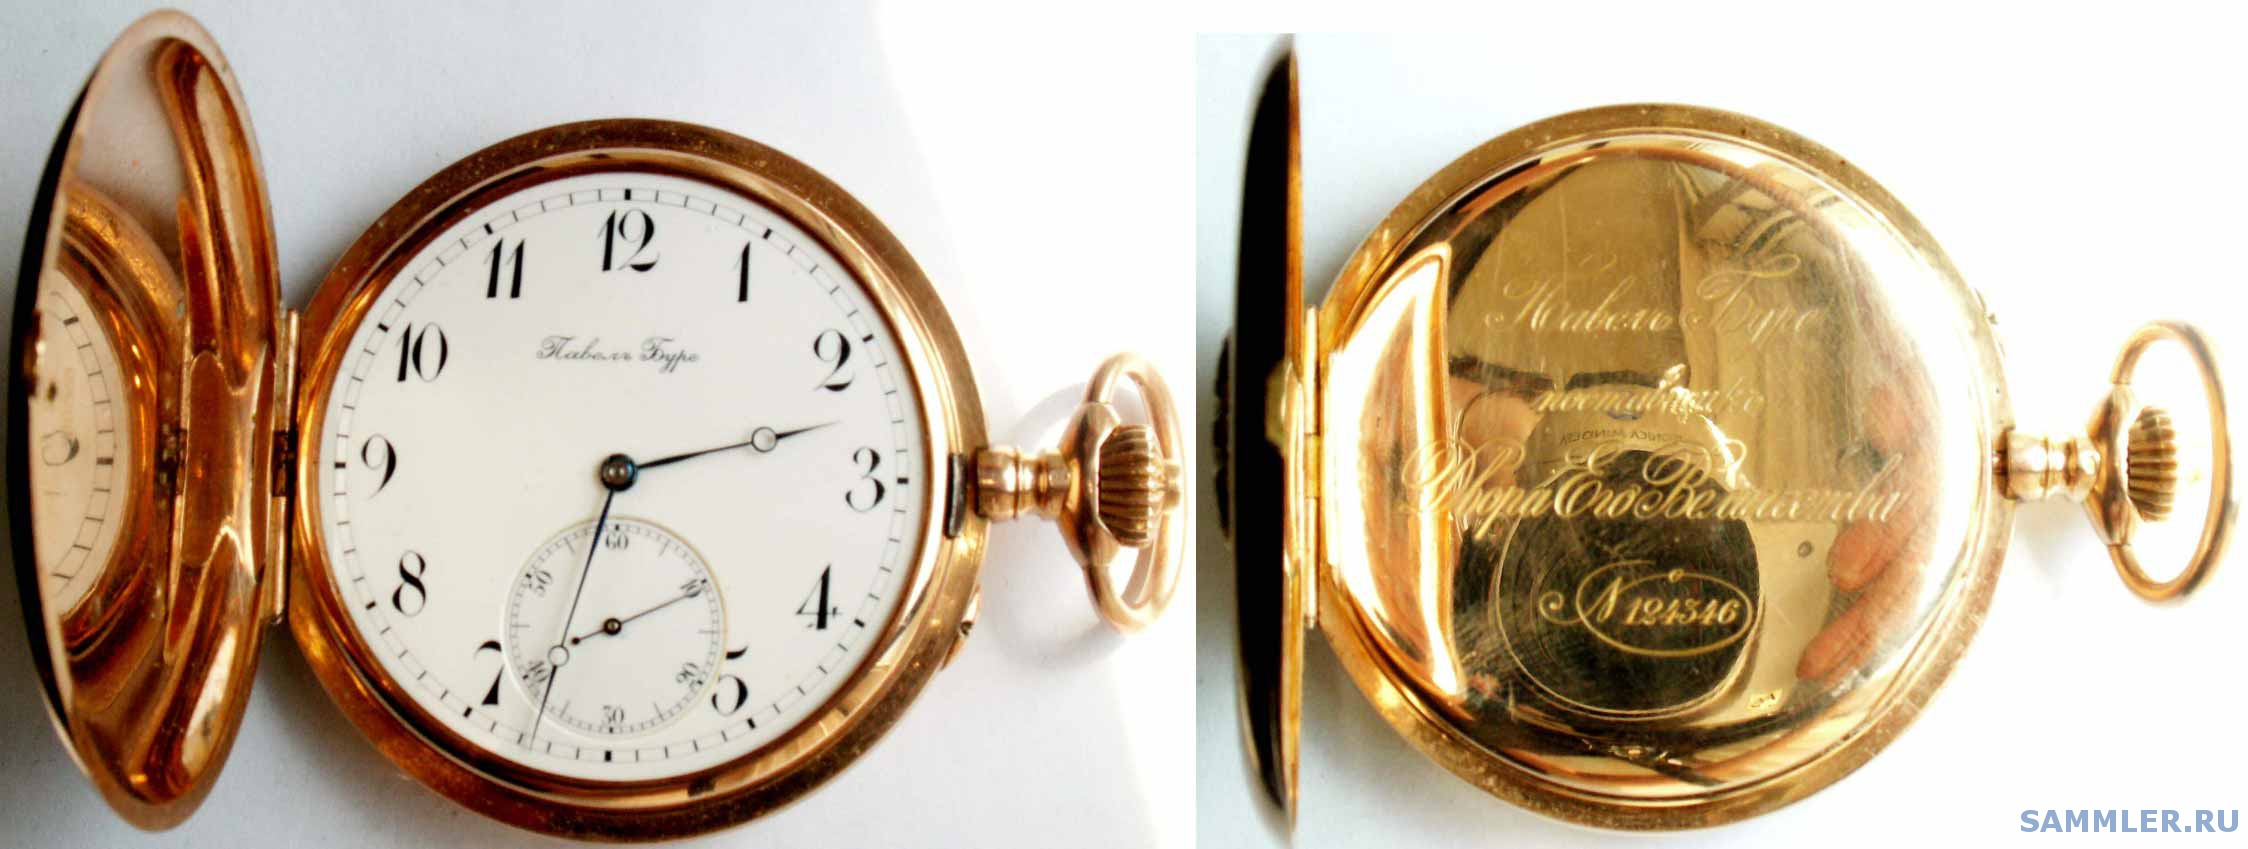 К чему снятся часы наручные мужские в подарок 94